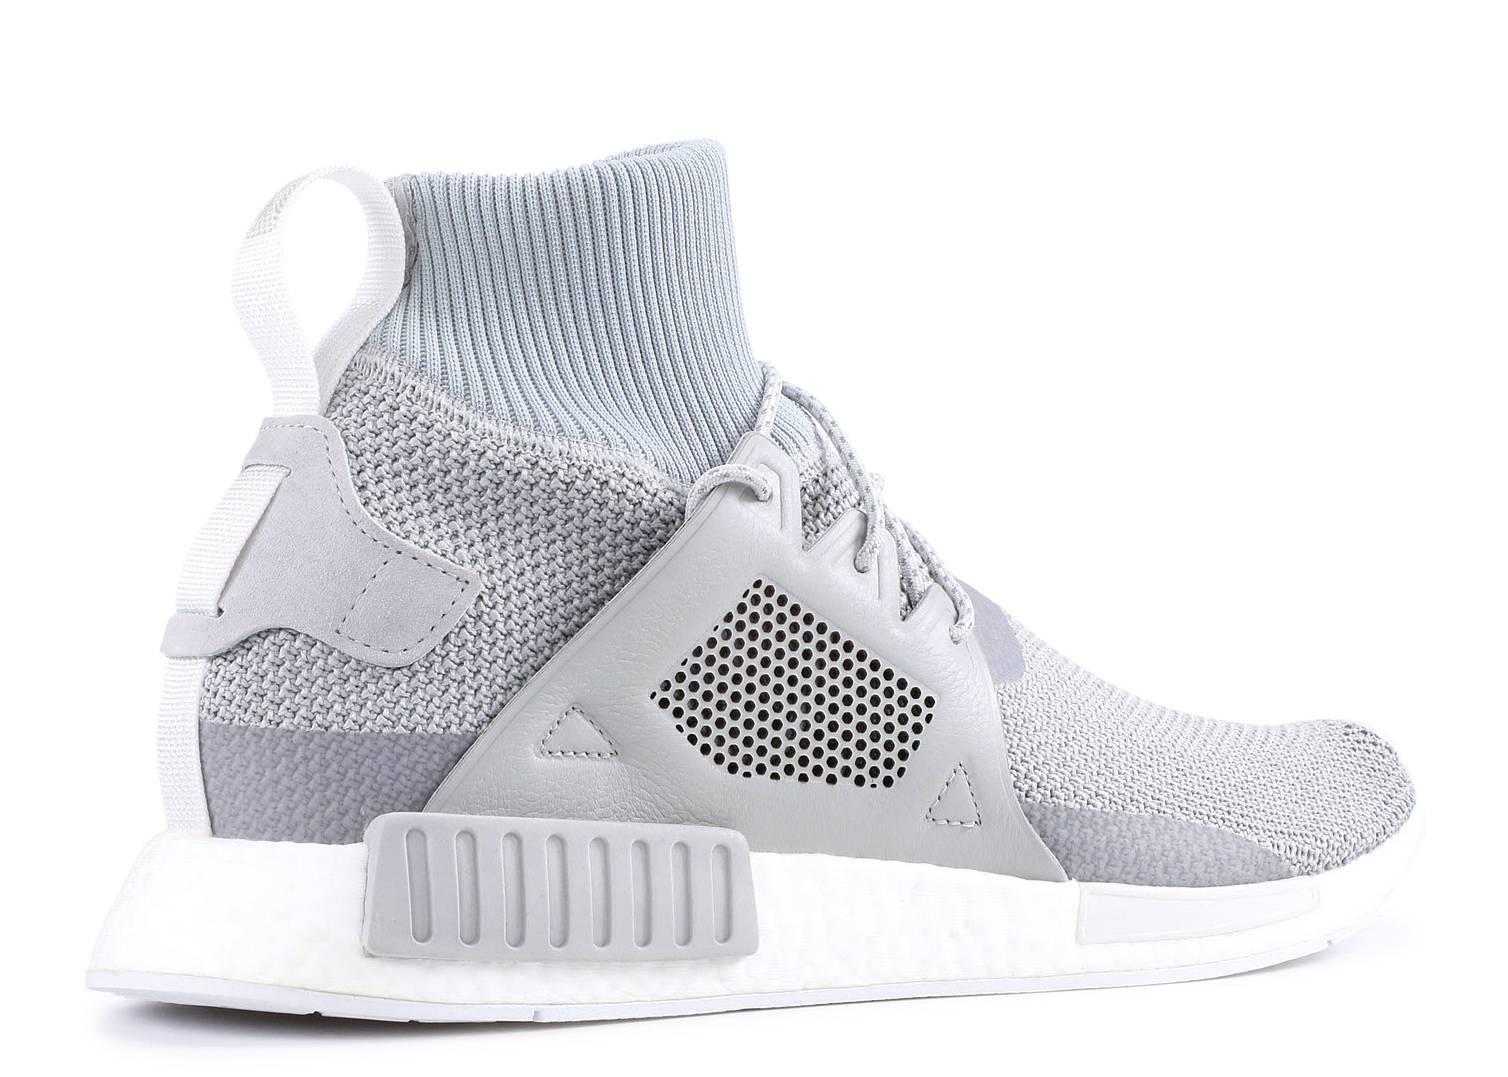 Nmd Xr1 Winter - Adidas - bz0633 - grey white  f1f0b0a9ad25